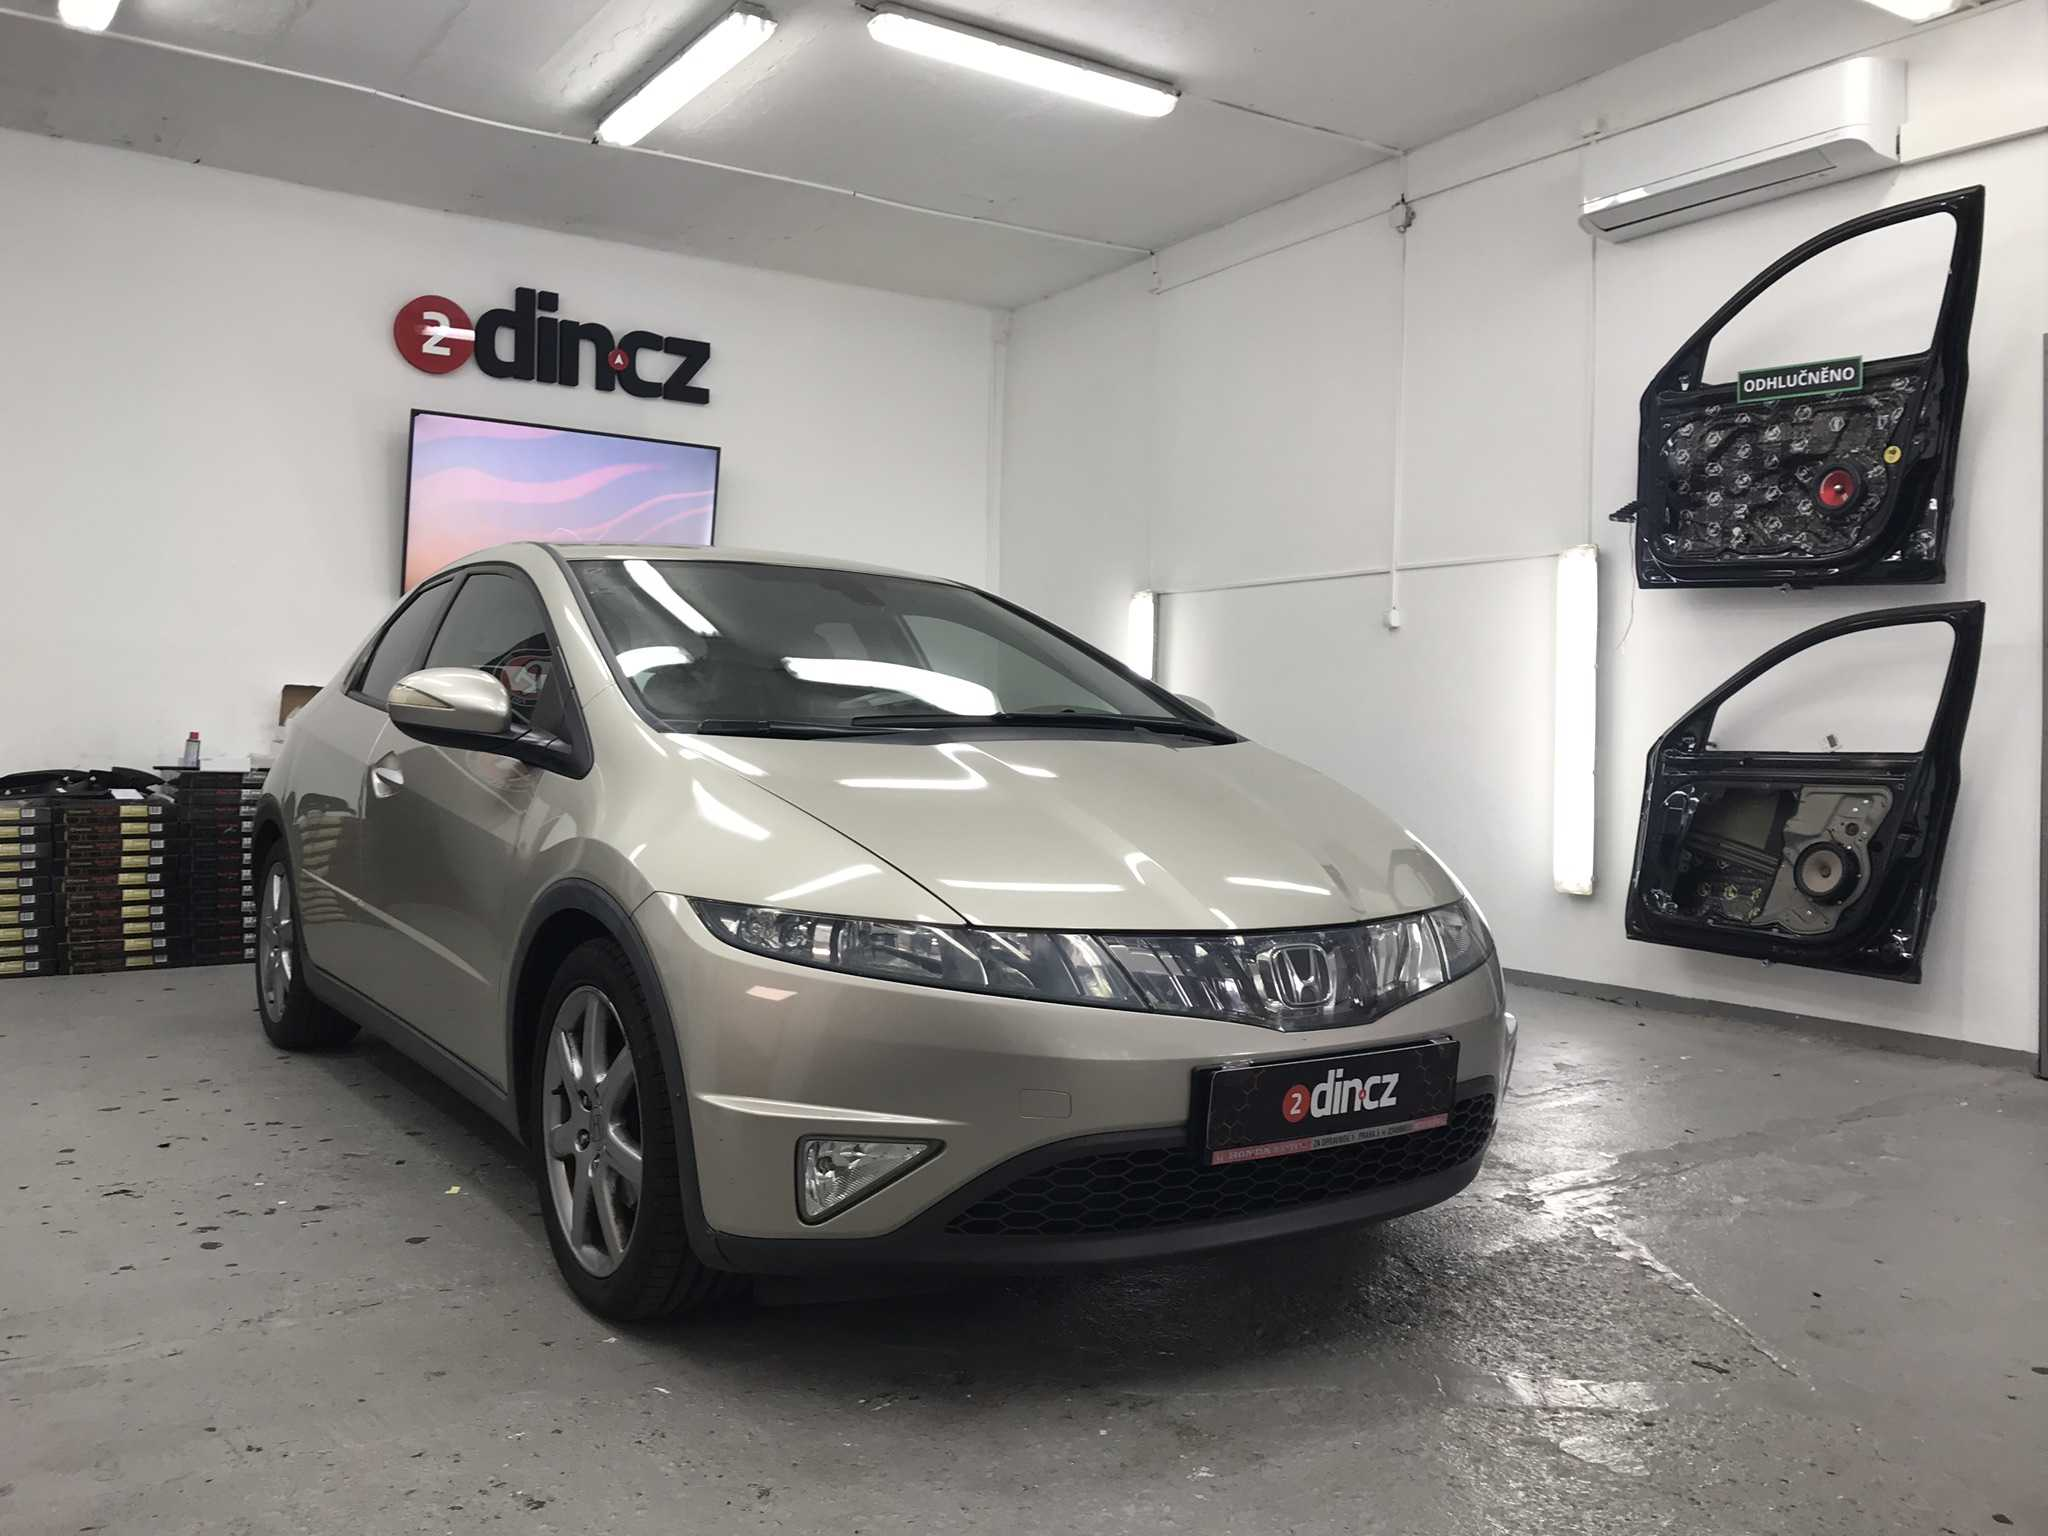 Honda Civic VIII ( 8g ) - Instalace autorádia 2din a couvací kamery